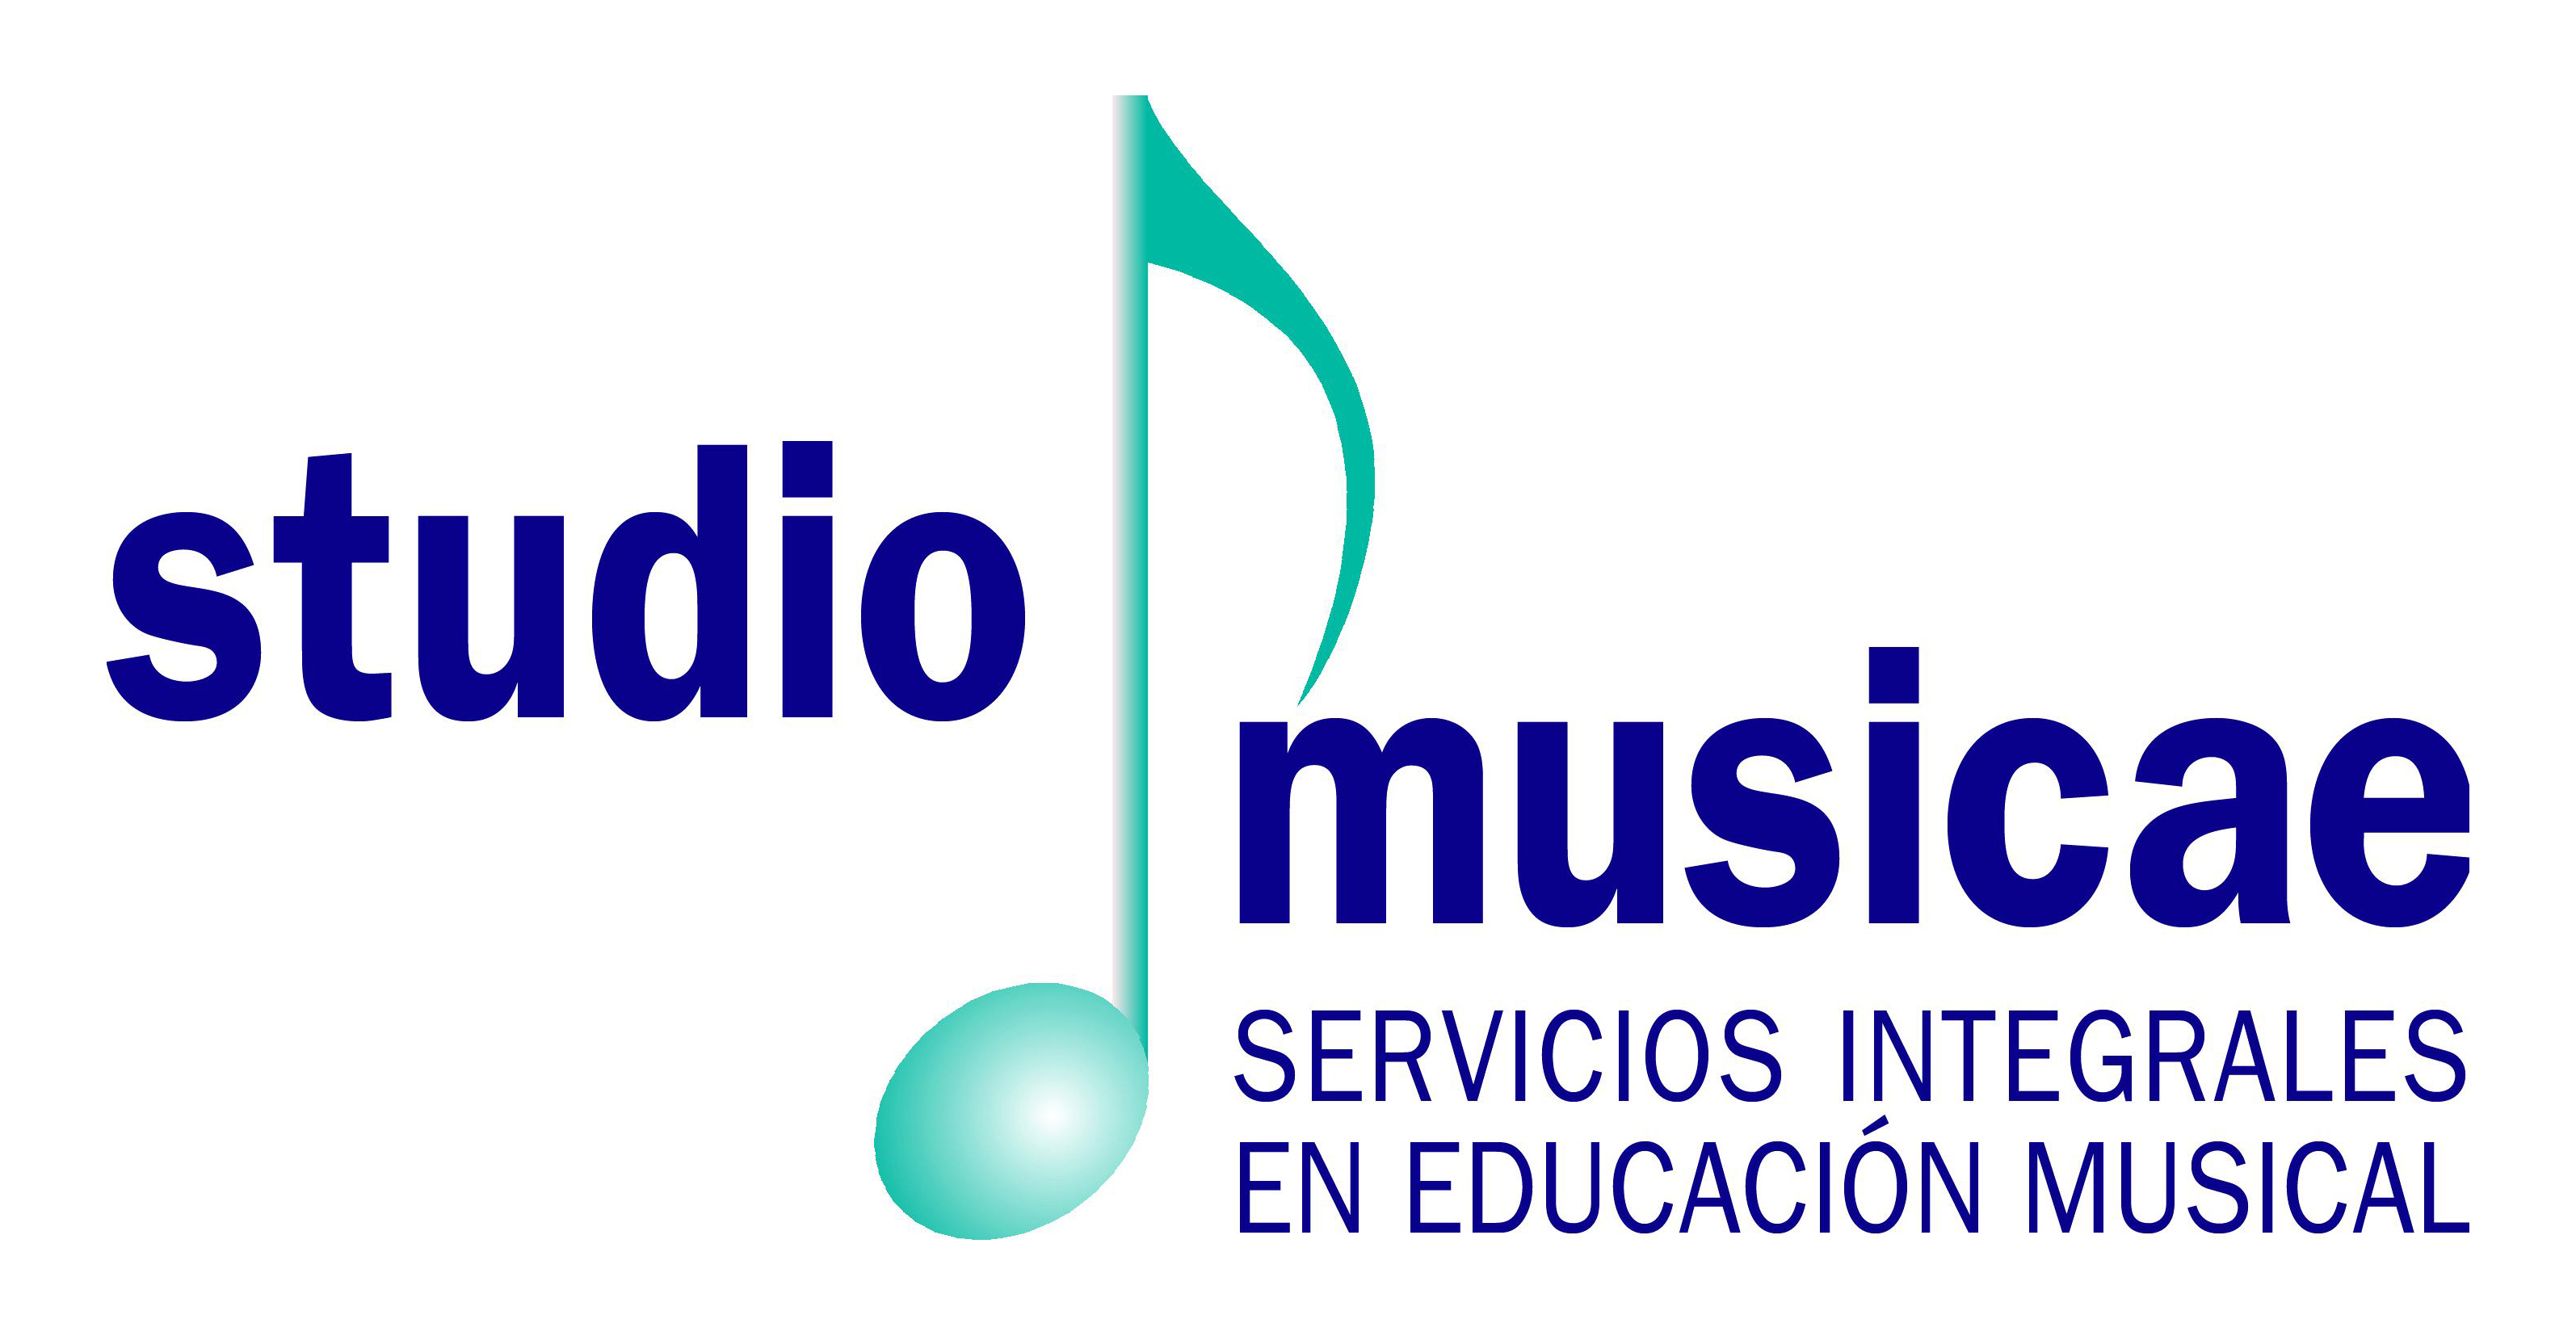 STUDIO MUSICAE